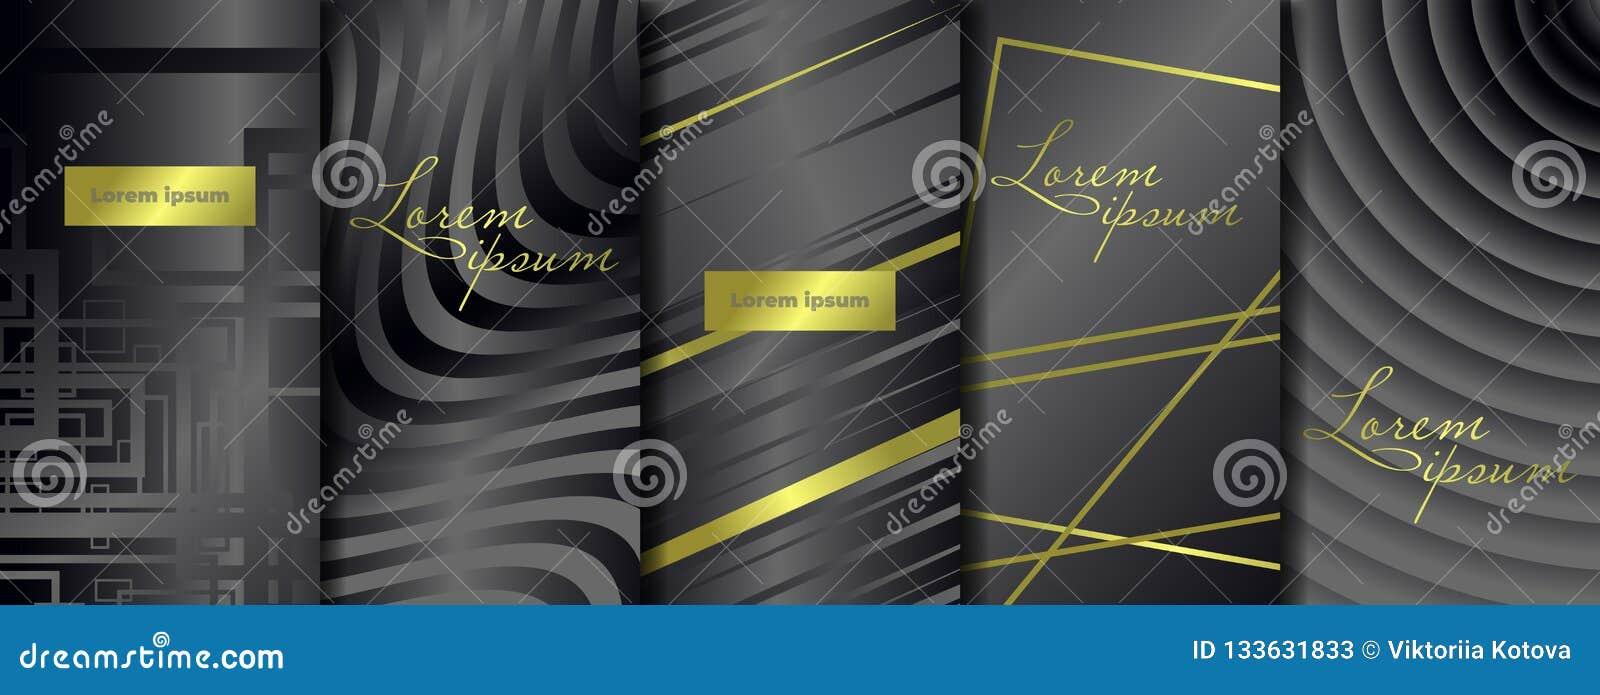 豪华优质包装的模板 传染媒介设置了与另外纹理的包装的模板豪华产品的